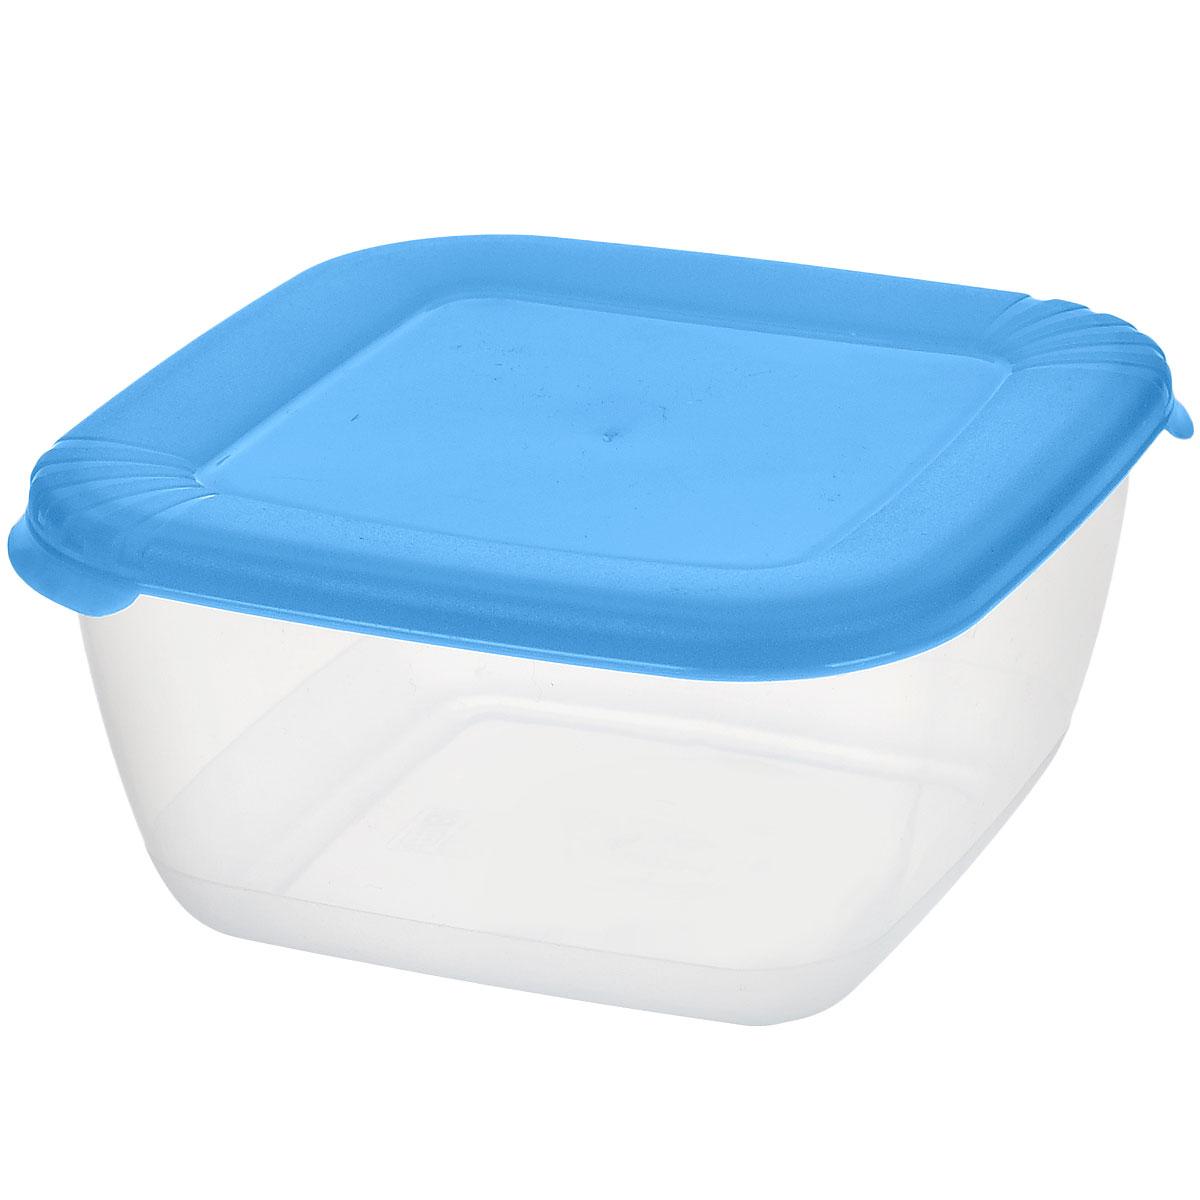 Контейнер для СВЧ Полимербыт Лайт, цвет: прозрачный, голубой, 0,46 лС542_голубойКвадратный контейнер для СВЧ Полимербыт Лайт изготовлен извысококачественного прочного пластика, устойчивого к высоким температурам до + 120°С. Яркая цветная крышка плотно закрывается, дольше сохраняя продуктысвежими и вкусными. Контейнер идеально подходит для хранения пищи, его удобнобрать с собой на работу, учебу, пикник или просто использовать для хранения пищи вхолодильнике. Можно использовать в микроволновой печи и для заморозки в морозильной камерепри минимальной температуре -40°С. Можно мыть в посудомоечной машине.